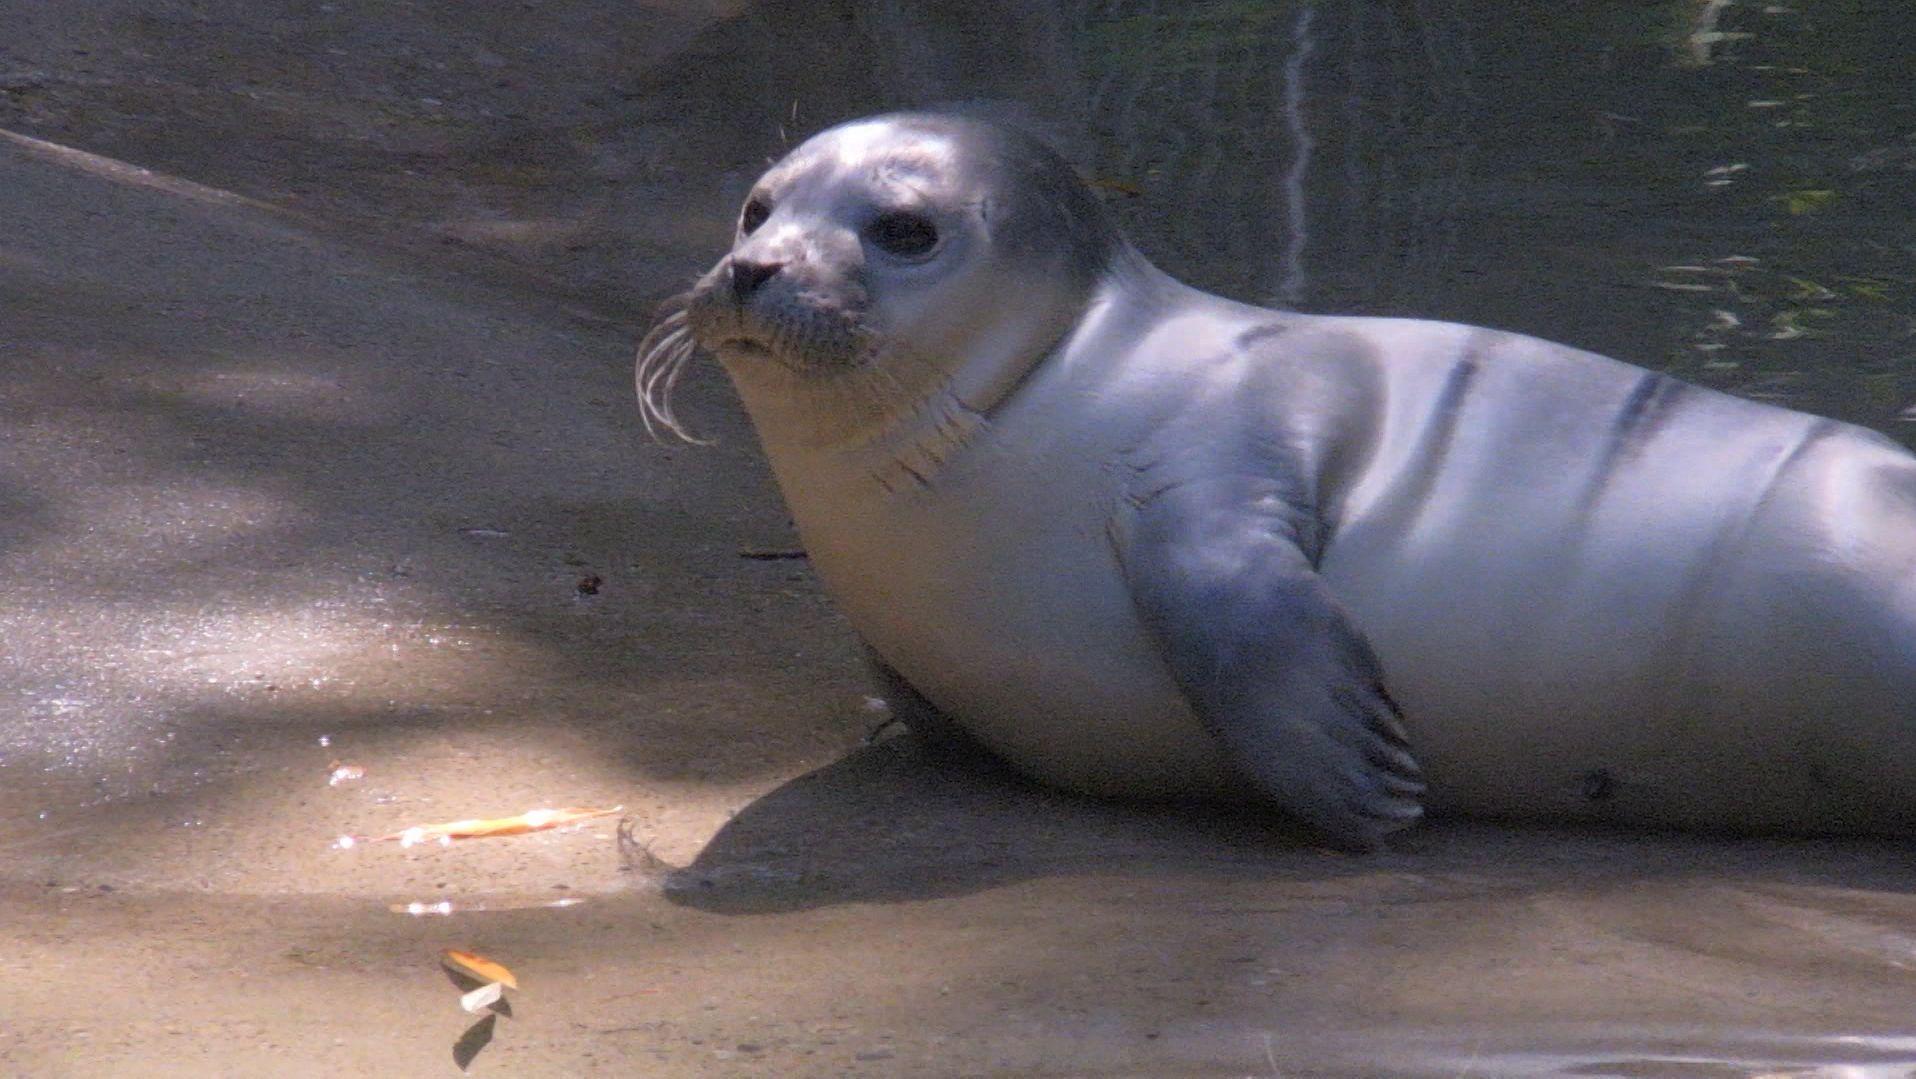 Der Zoo in der Schwaben-Metropole hat eine neue Attraktion: Seit einer Woche schwimmt ein kleiner Seehund durch das Becken.